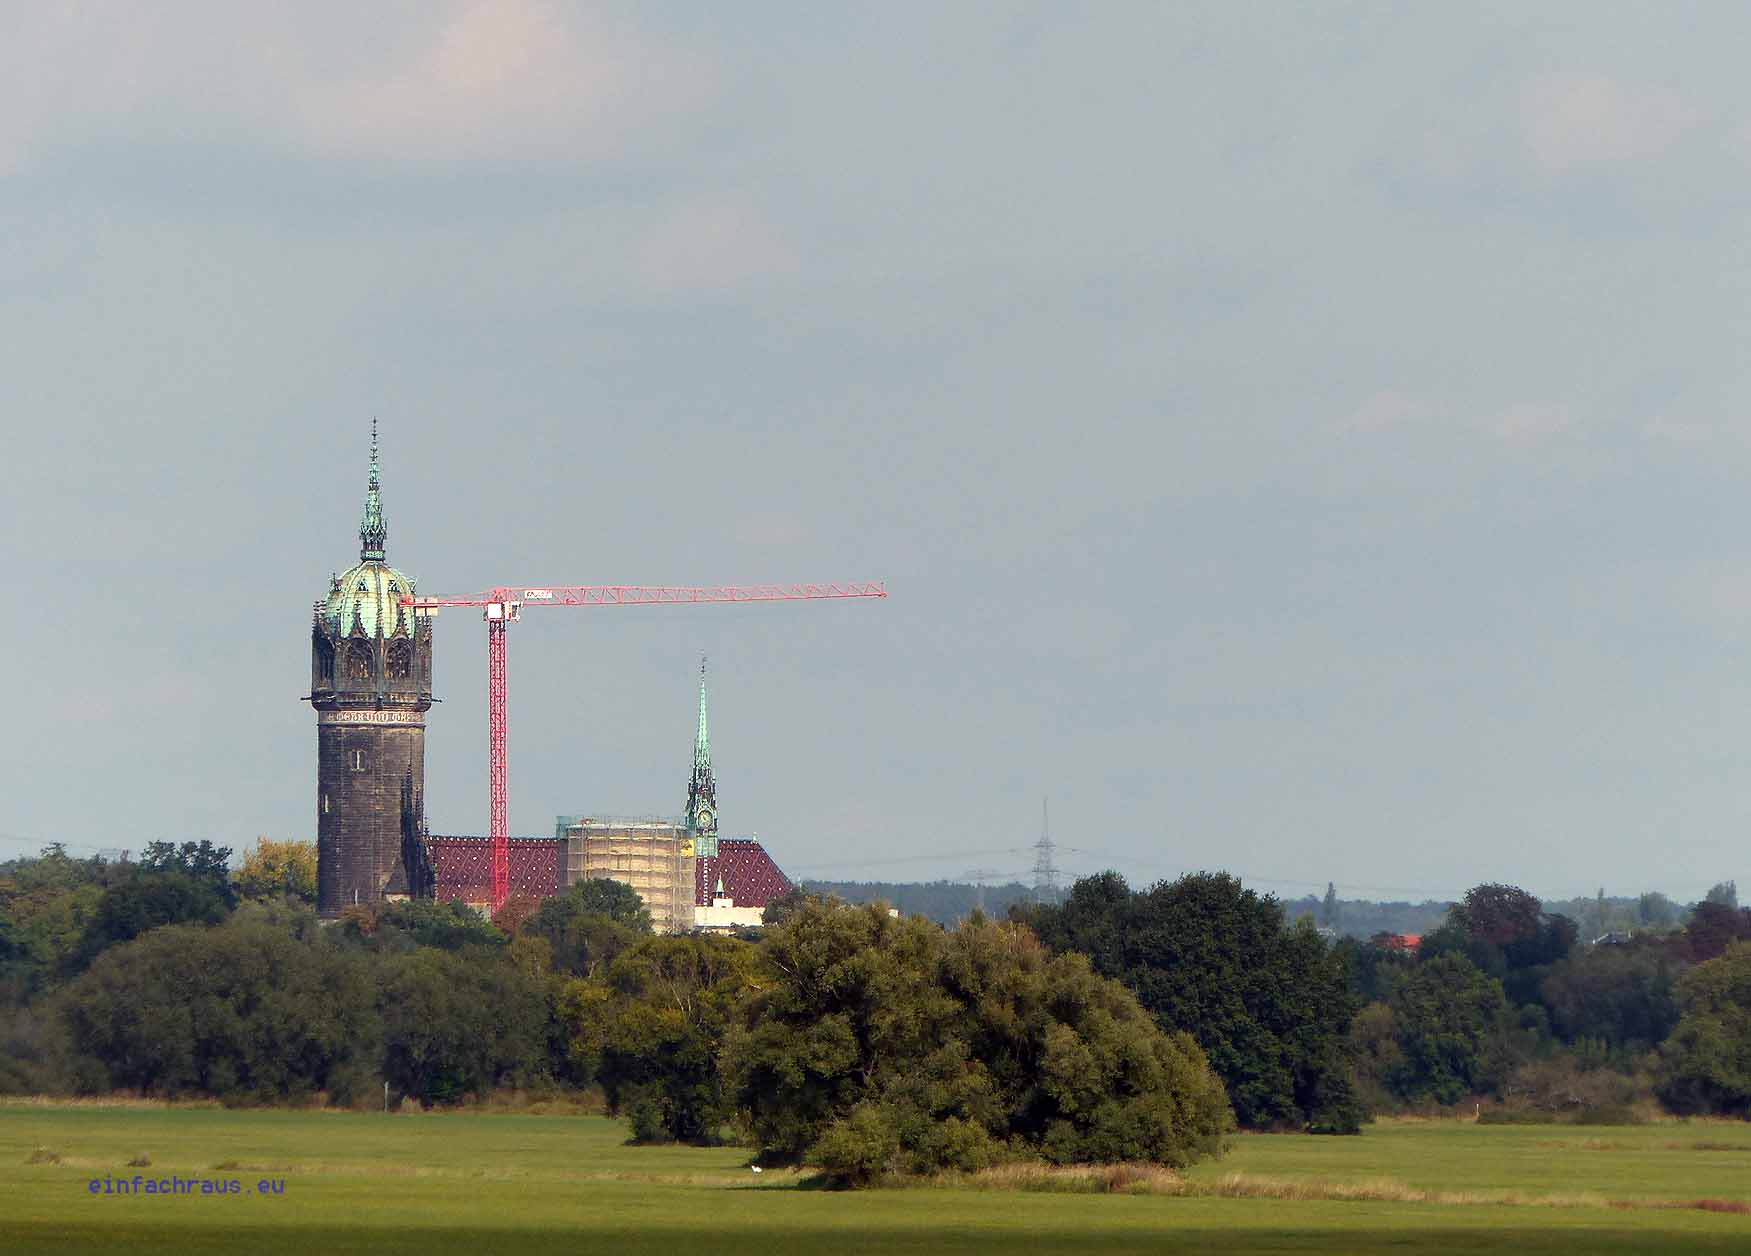 Von weiten grüßt der Turm der Schlosskirche von Wittenberg herüber, Foto: D.Weirauch